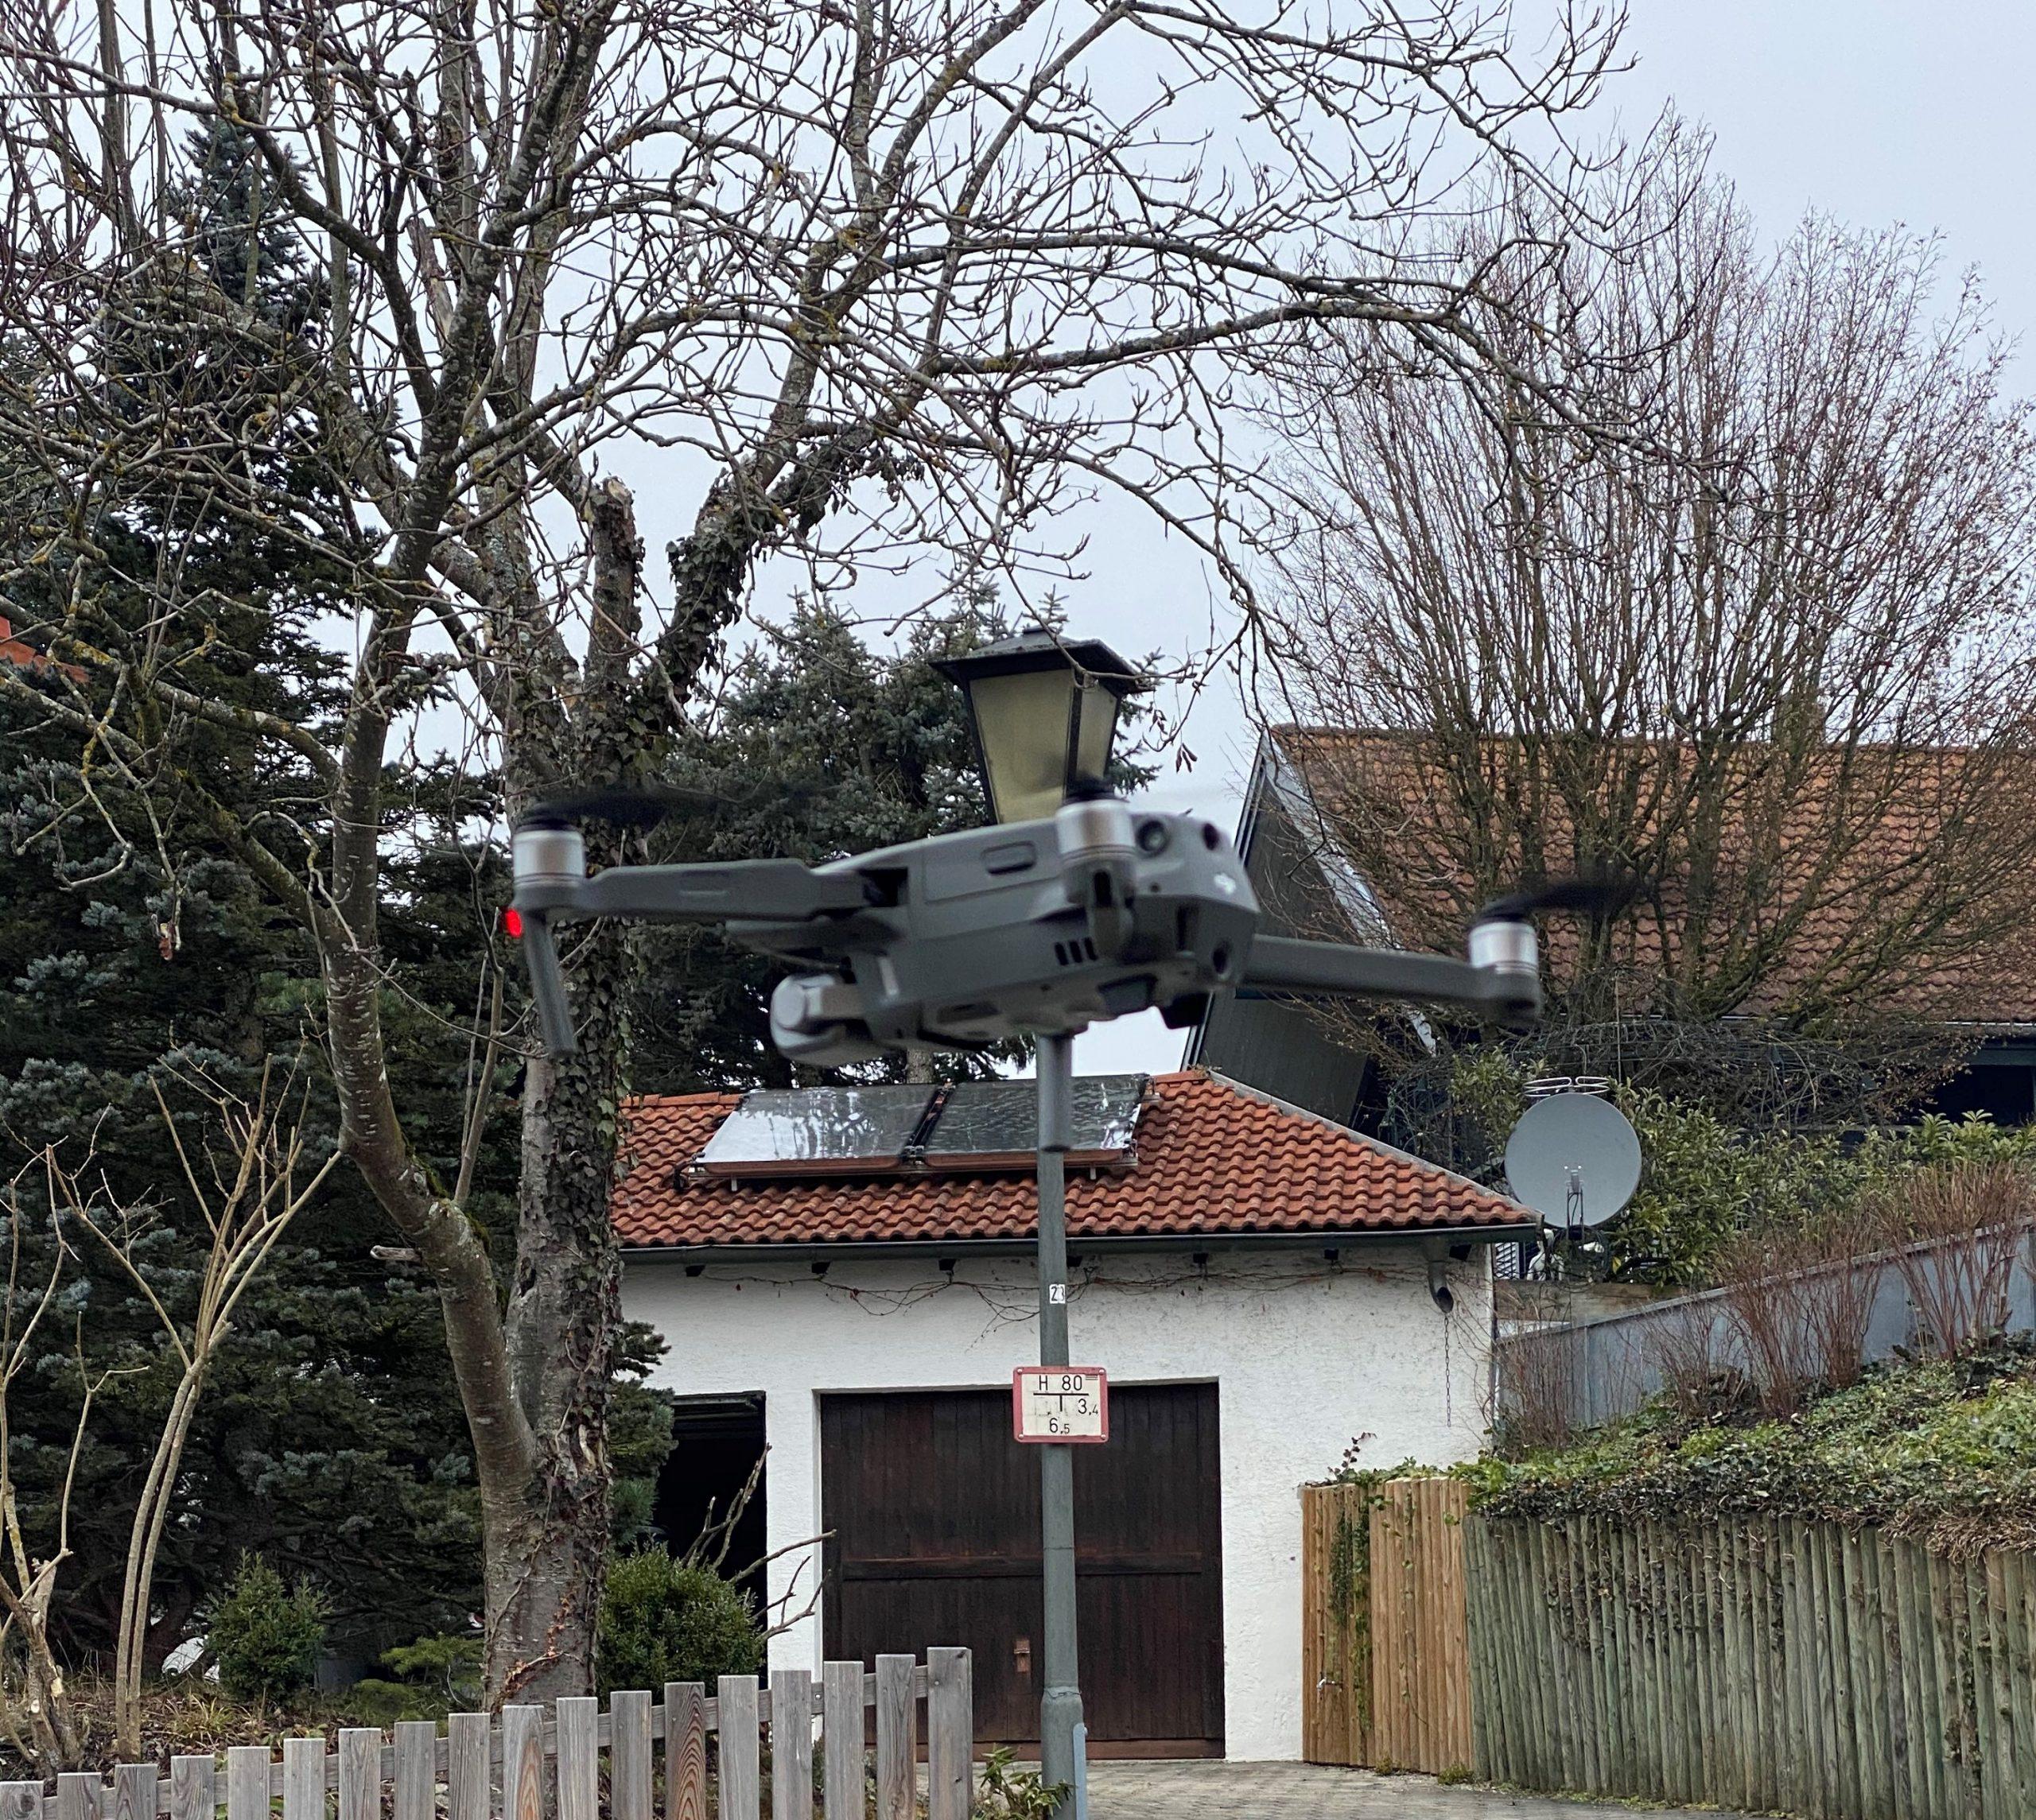 Drohne Schaden Reparatur Dach